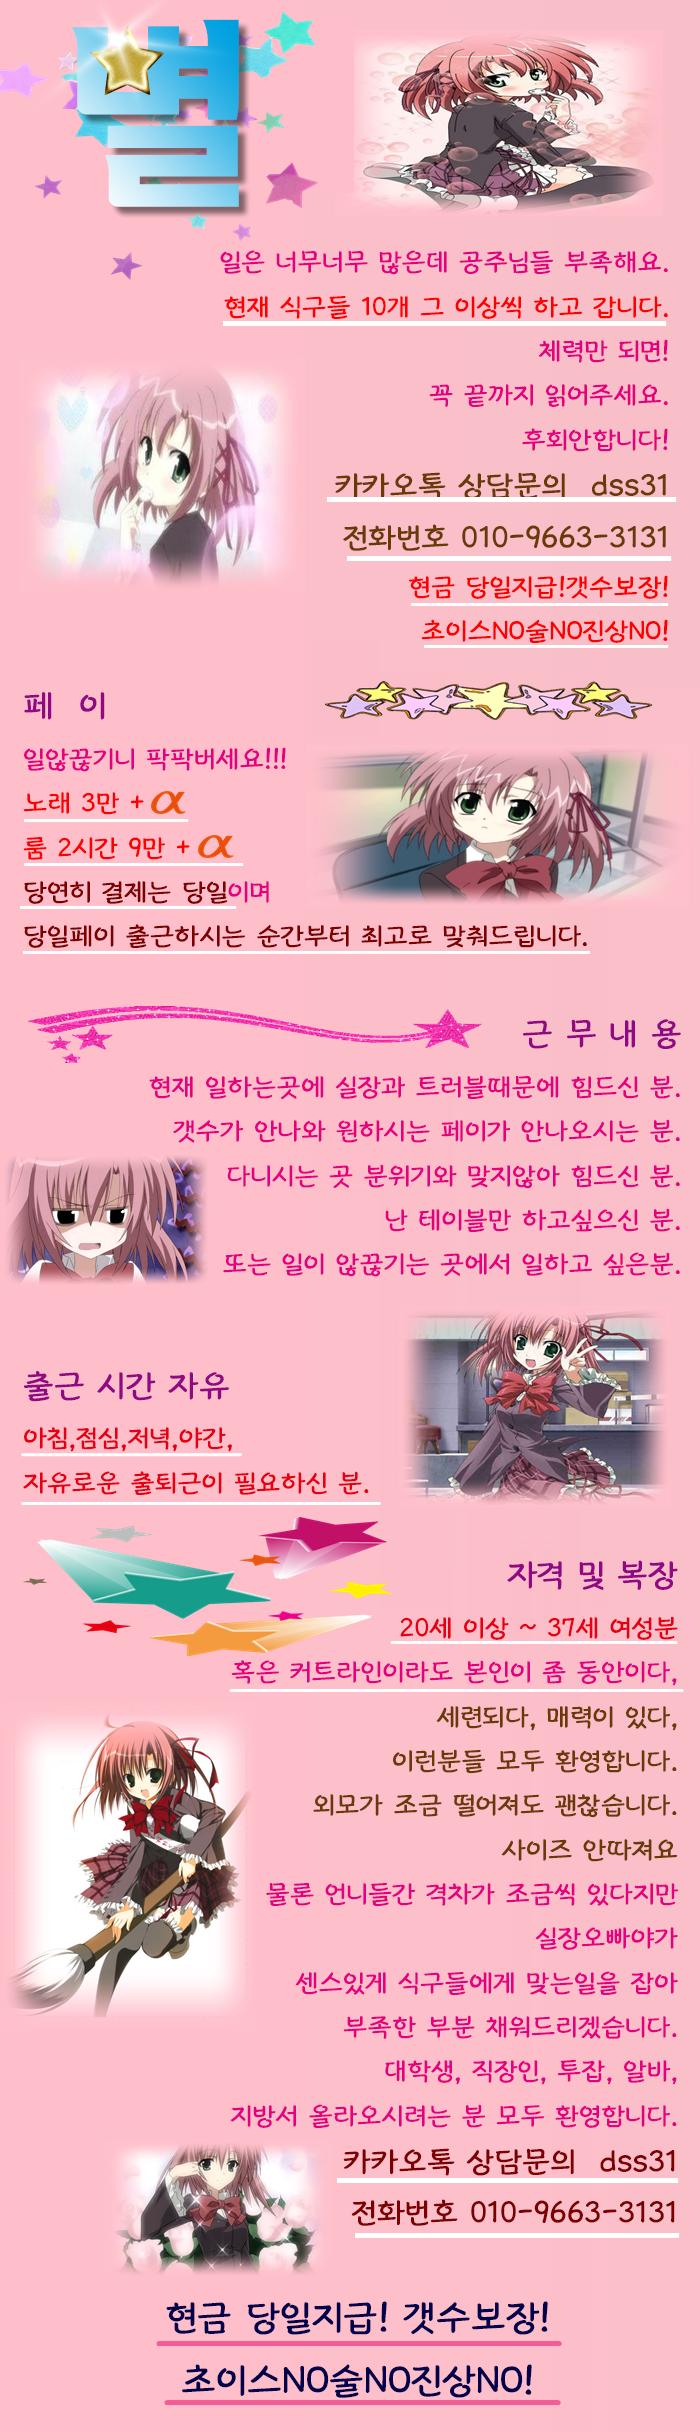 나나알바 서울송파 별룸싸롱